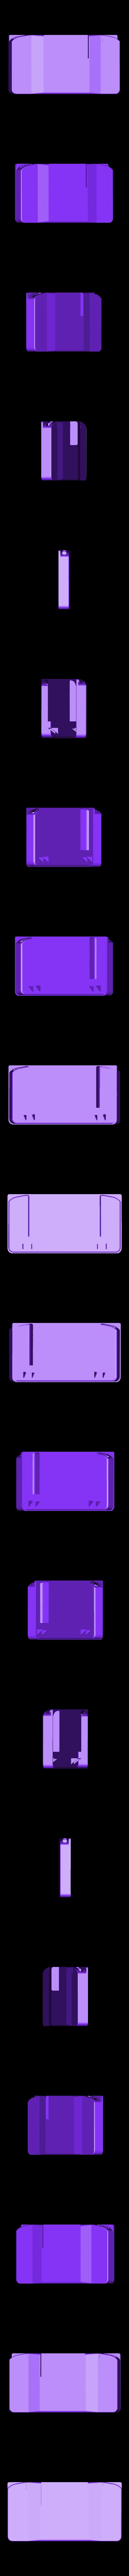 snesp-back_repaired.stl Télécharger fichier STL gratuit Étui portable Super Nintendo • Design pour imprimante 3D, Clenarone